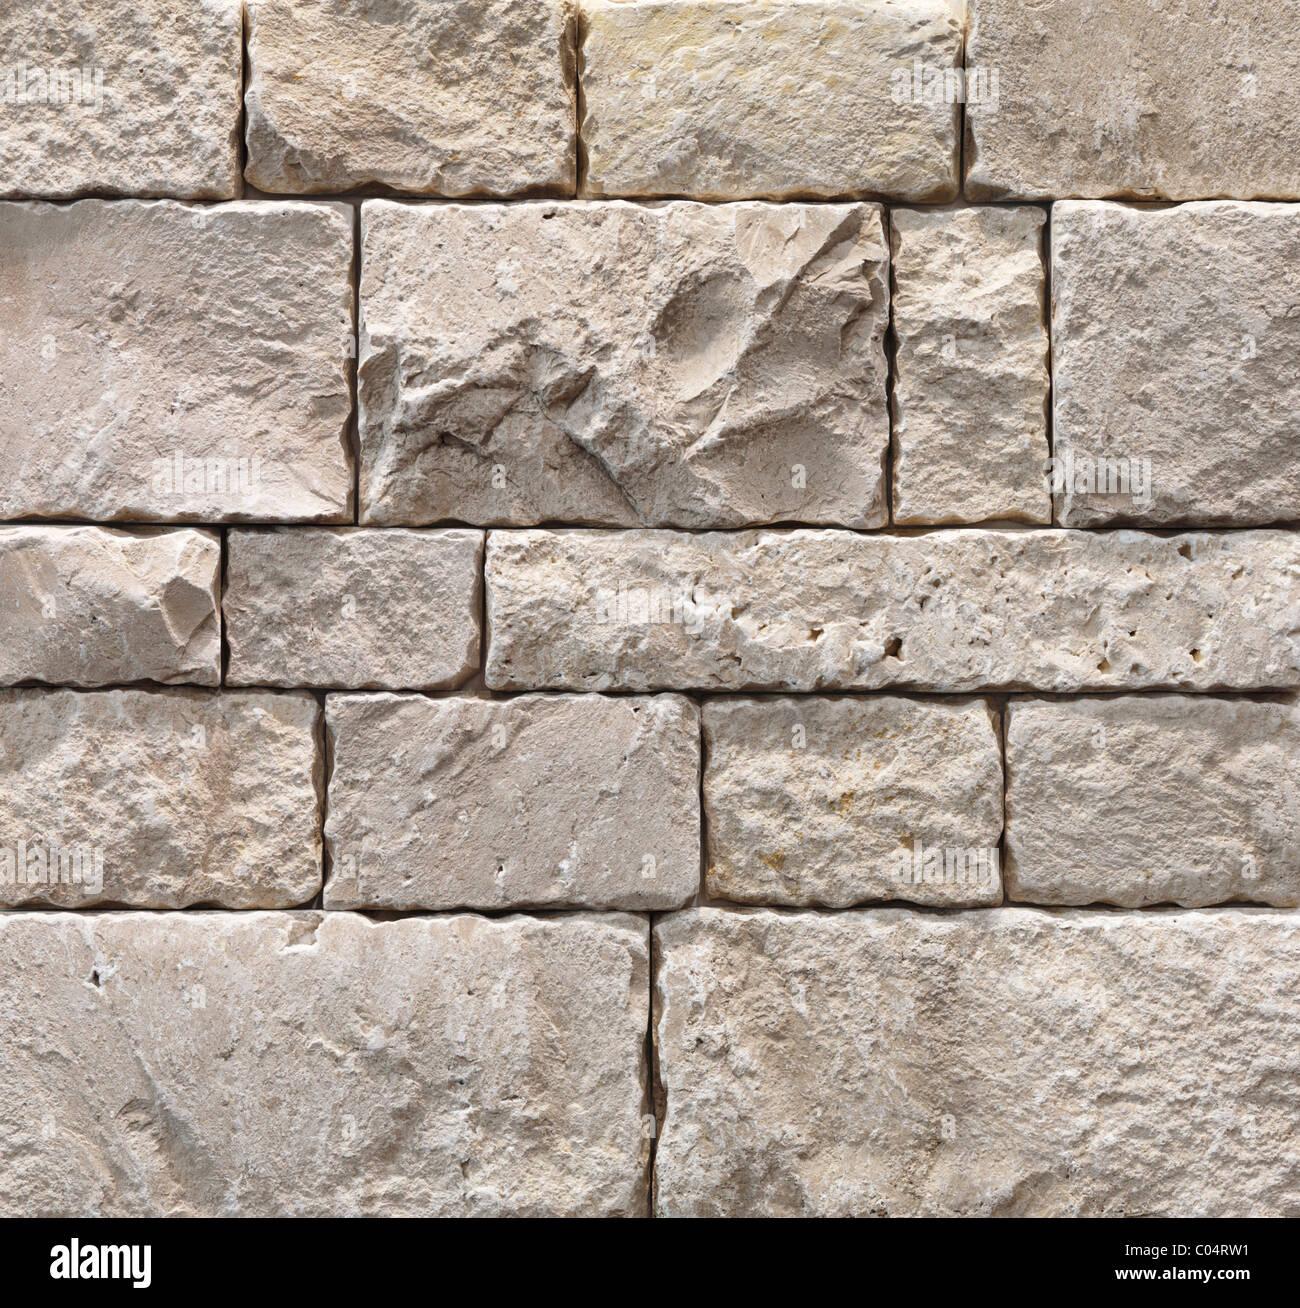 Marfil baldosas splitface durango textura del fondo. Acabado de exteriores de piedra Imagen De Stock